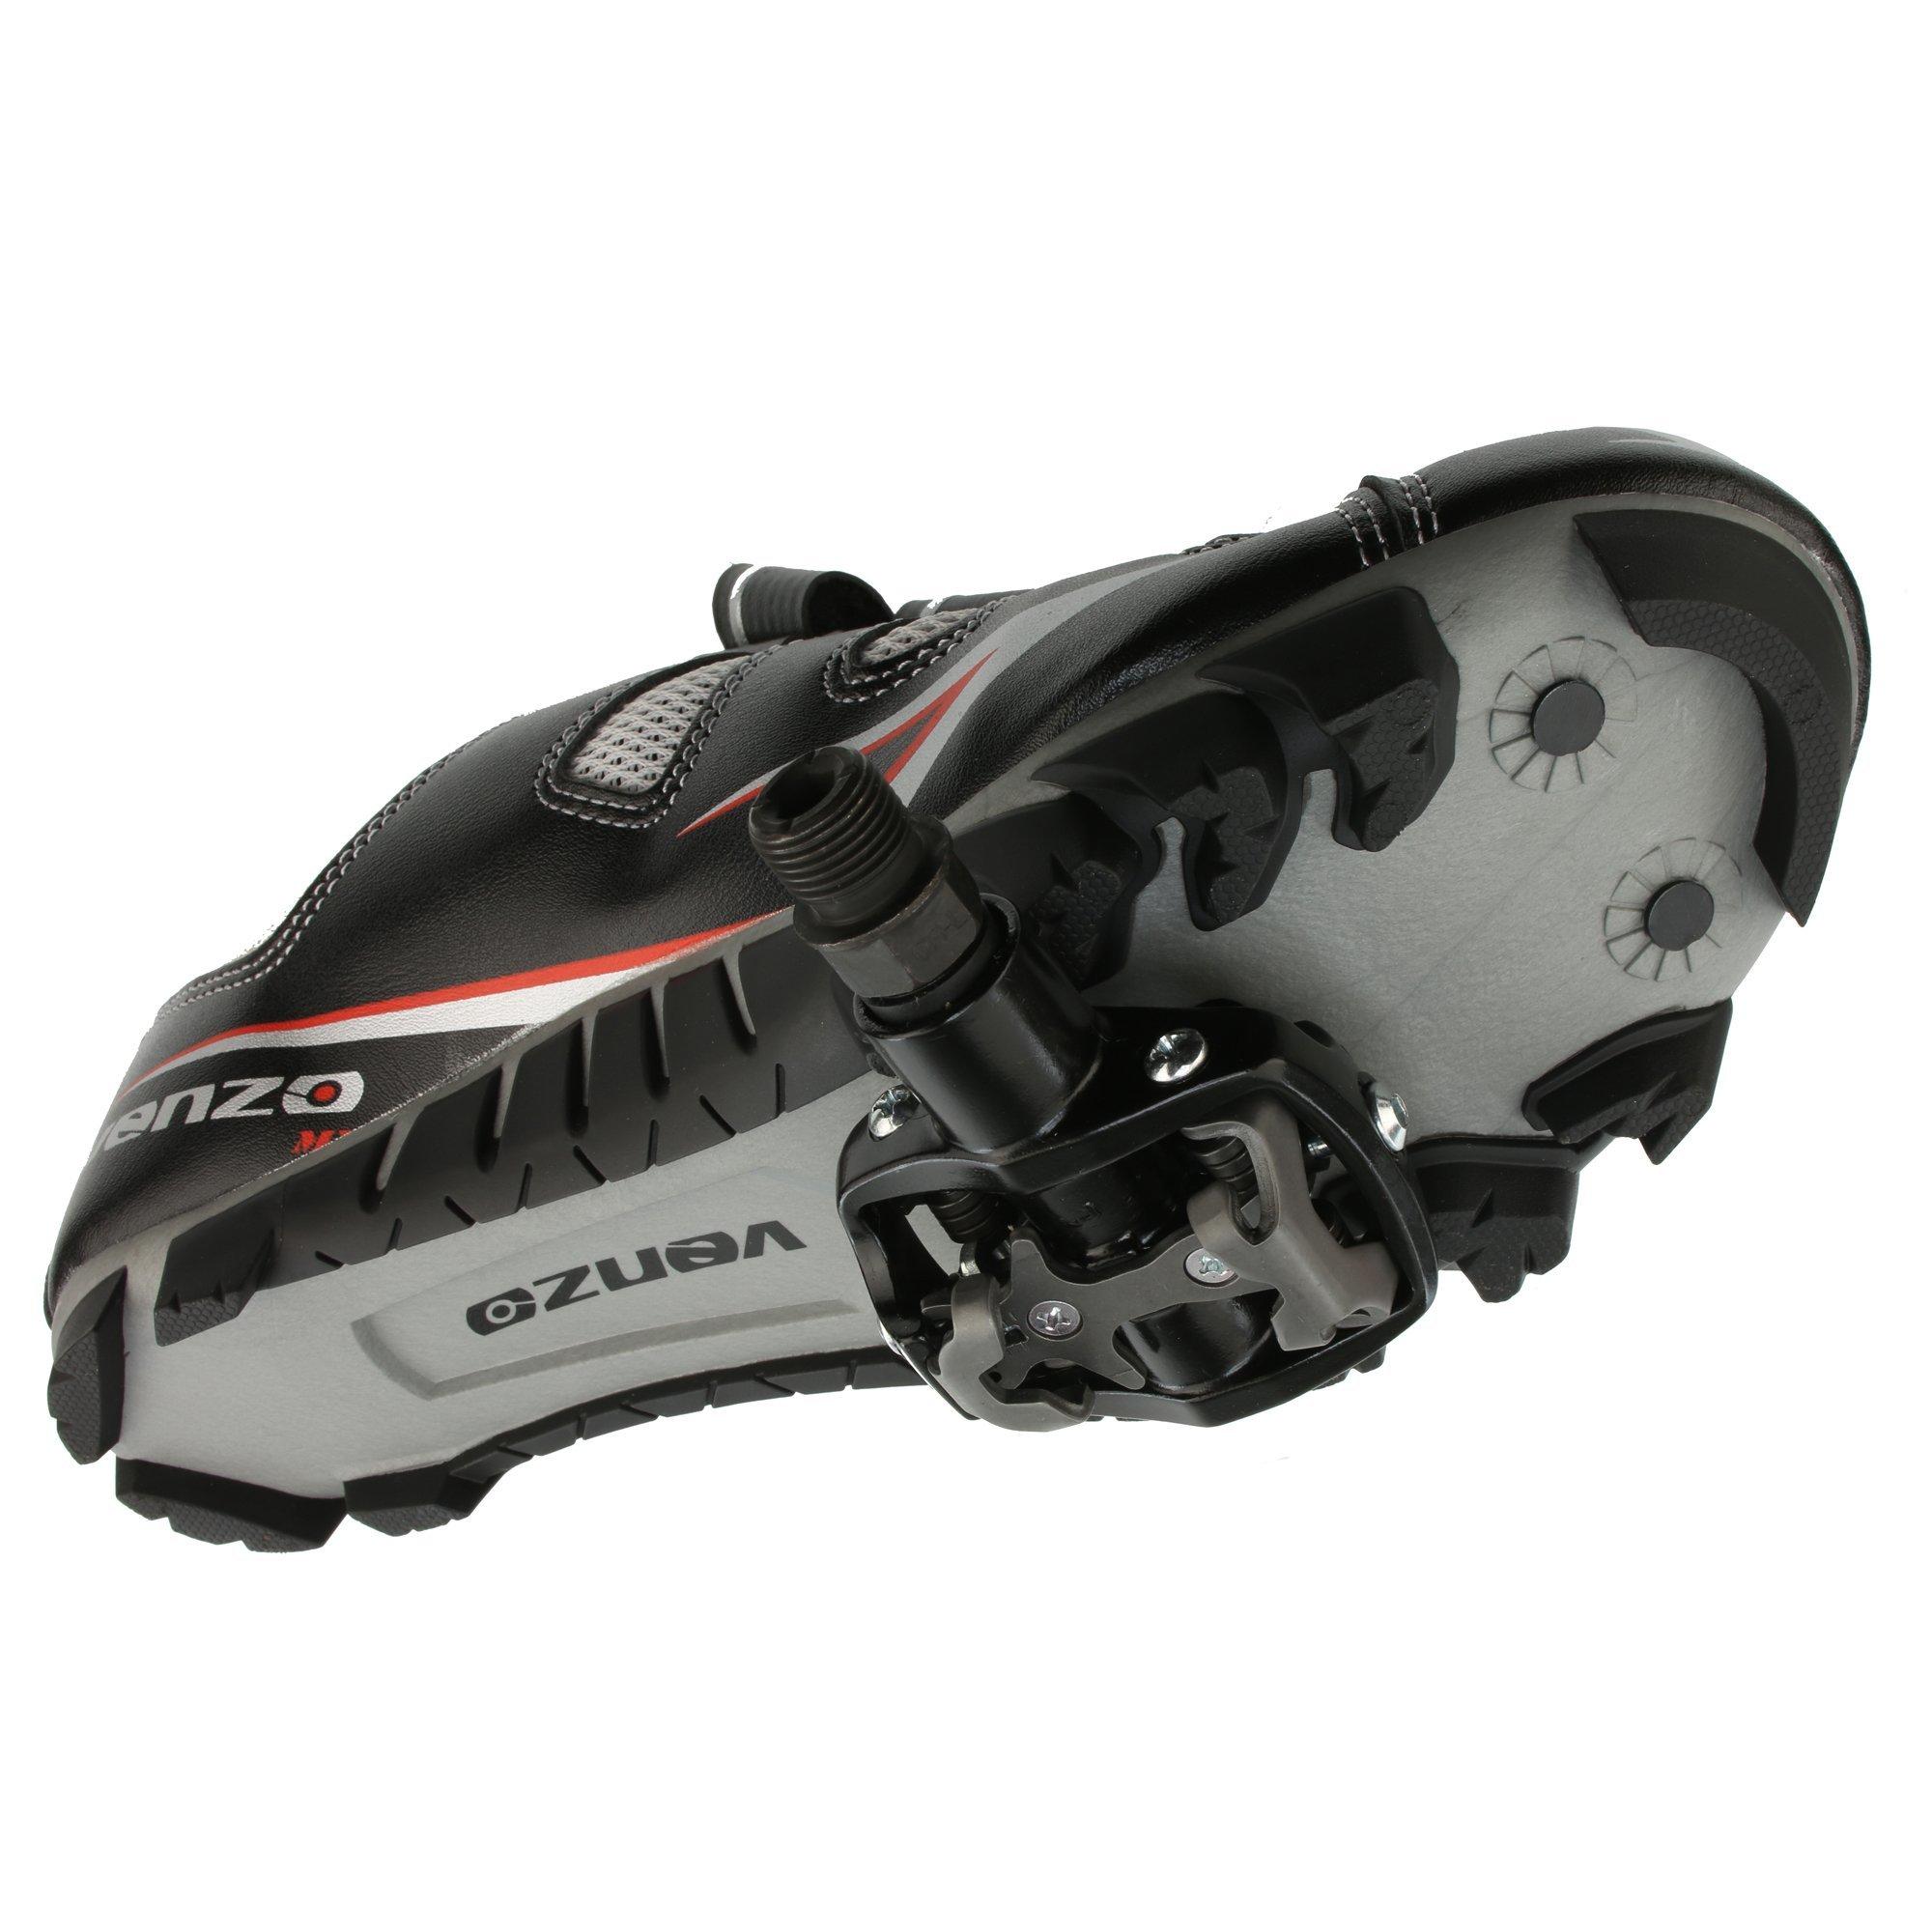 Venzo Mountain Bike Bicycle Cycling Shimano Spd Women S Shoes Black